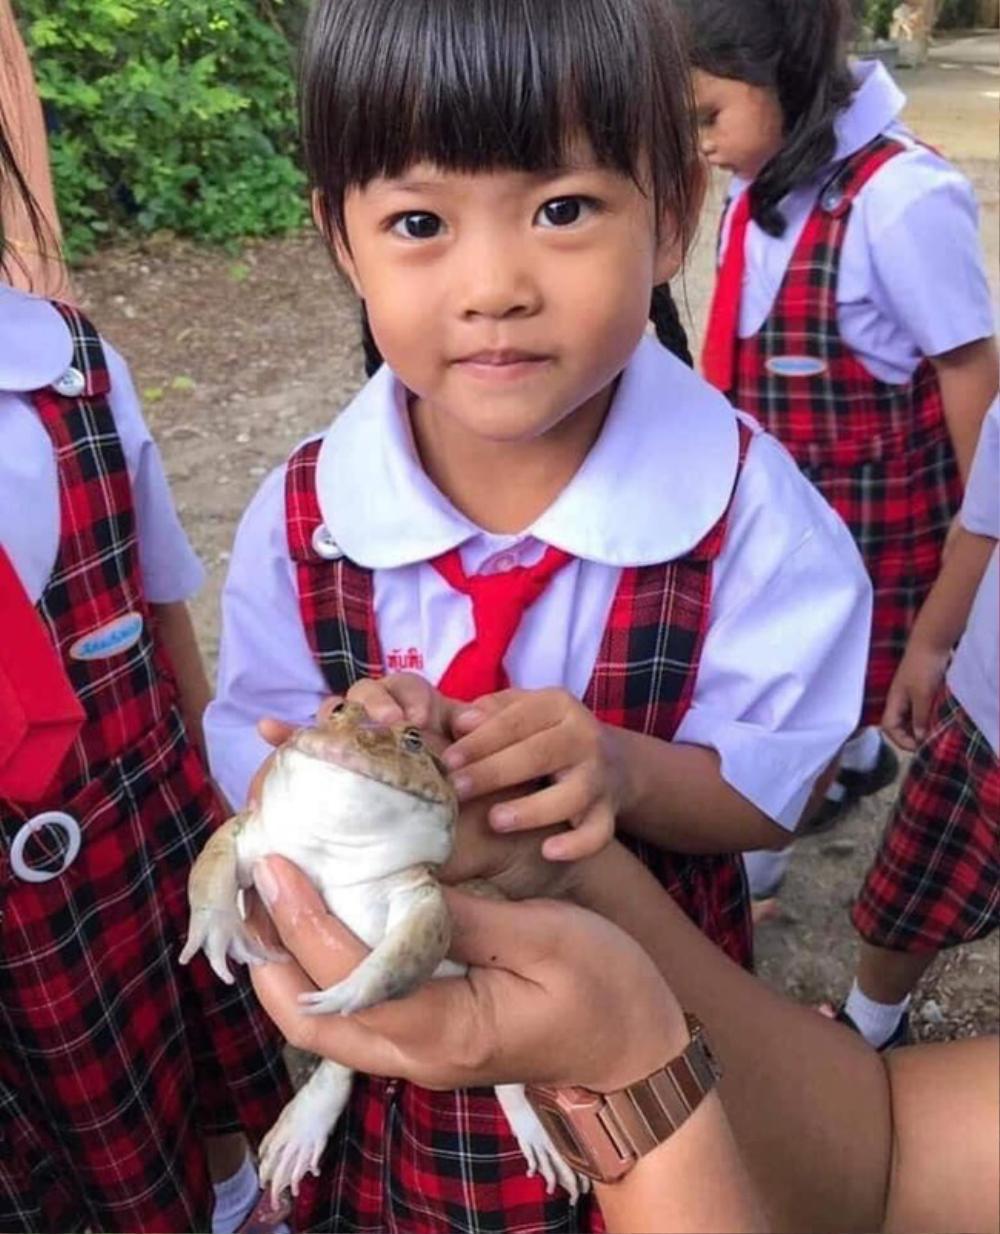 Học trò hào hứng với buổi ngoại khóa ở trại ếch, loạt ảnh cuối ghi lại kết cục bất ngờ của loài lưỡng cư Ảnh 3